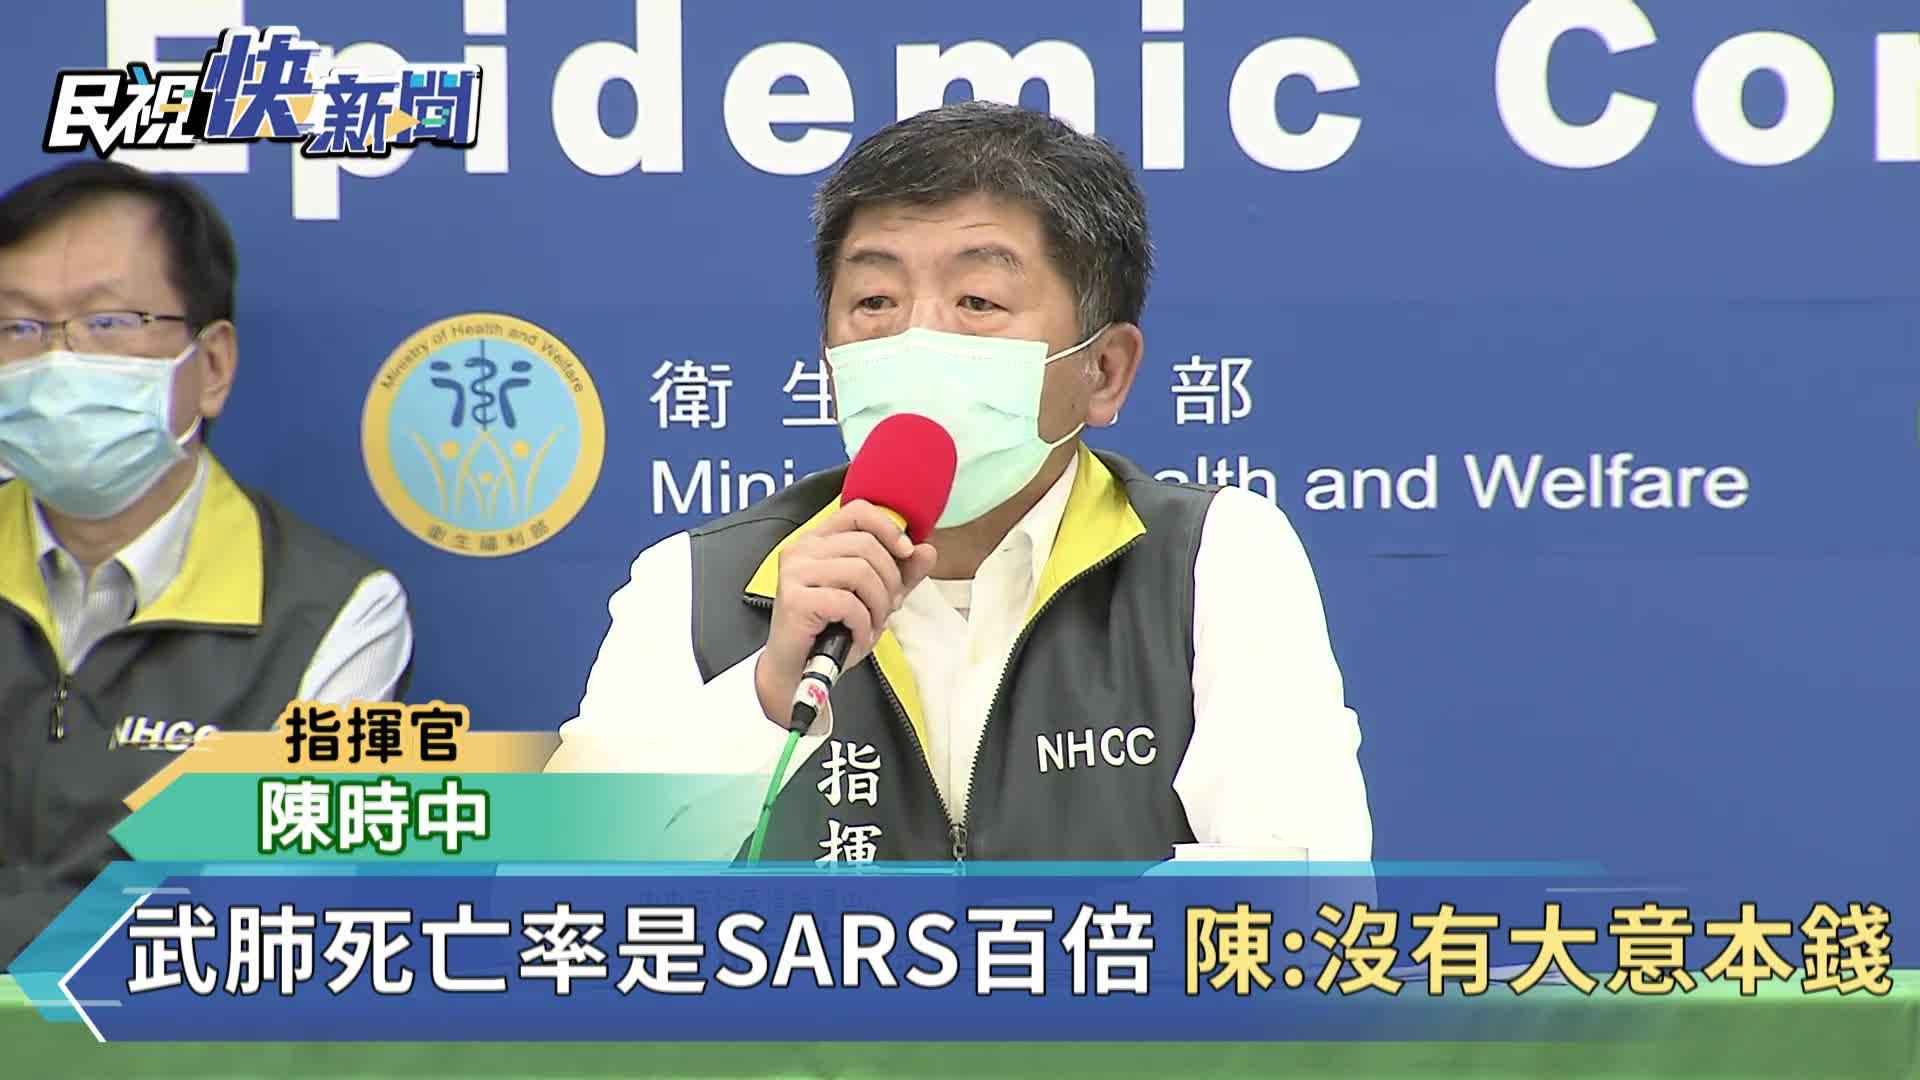 快新聞/武漢肺炎死亡率是SARS的1百倍 陳時中:我們沒有大意的本錢!